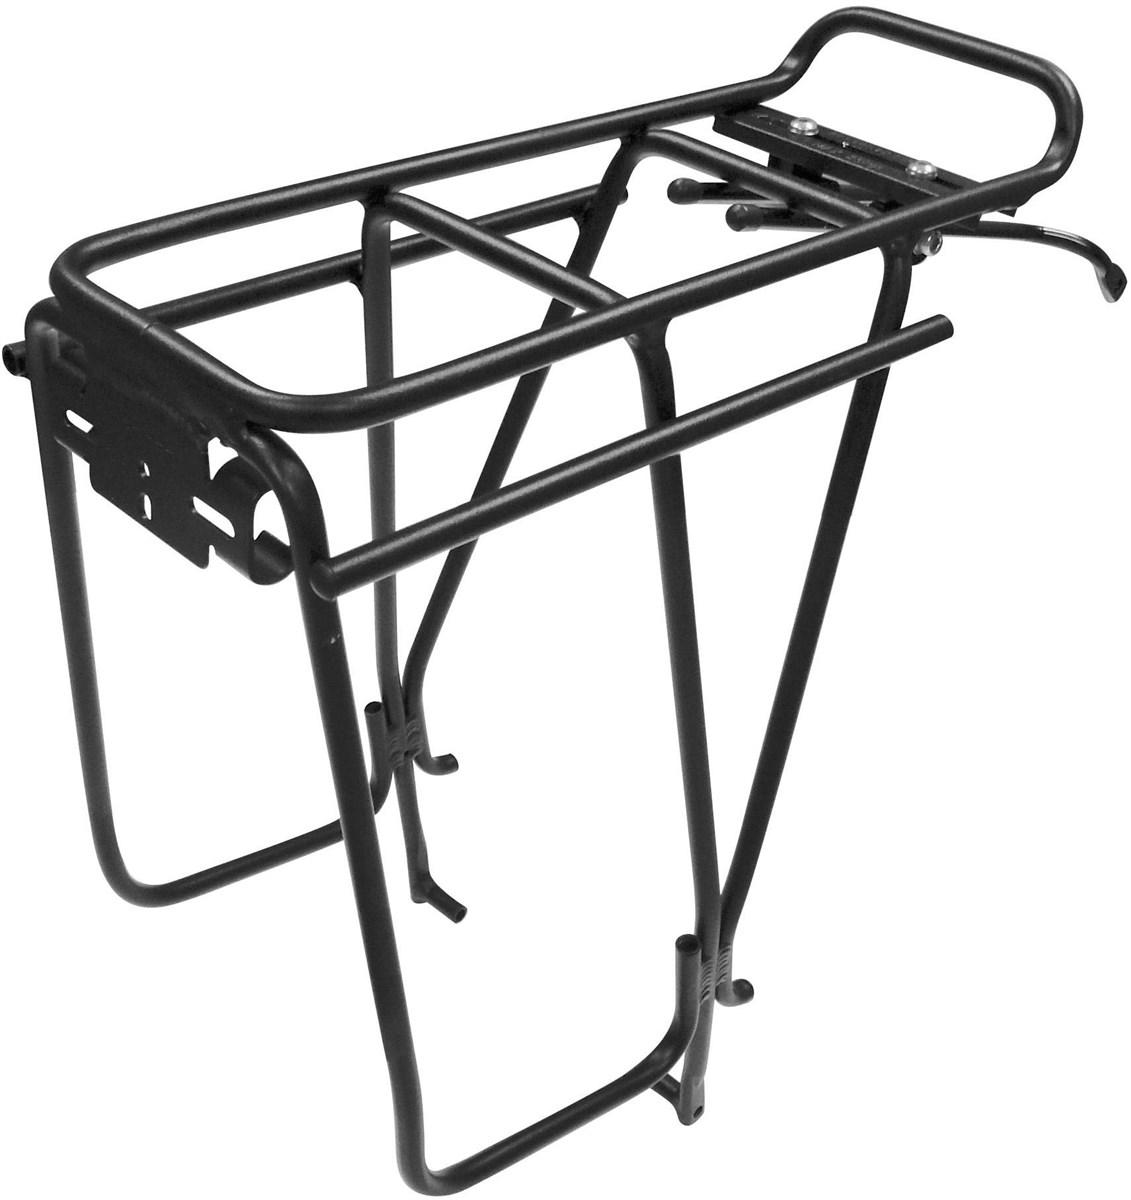 Tortec Transalp Disc Rear Pannier Rack | Bagagebærer